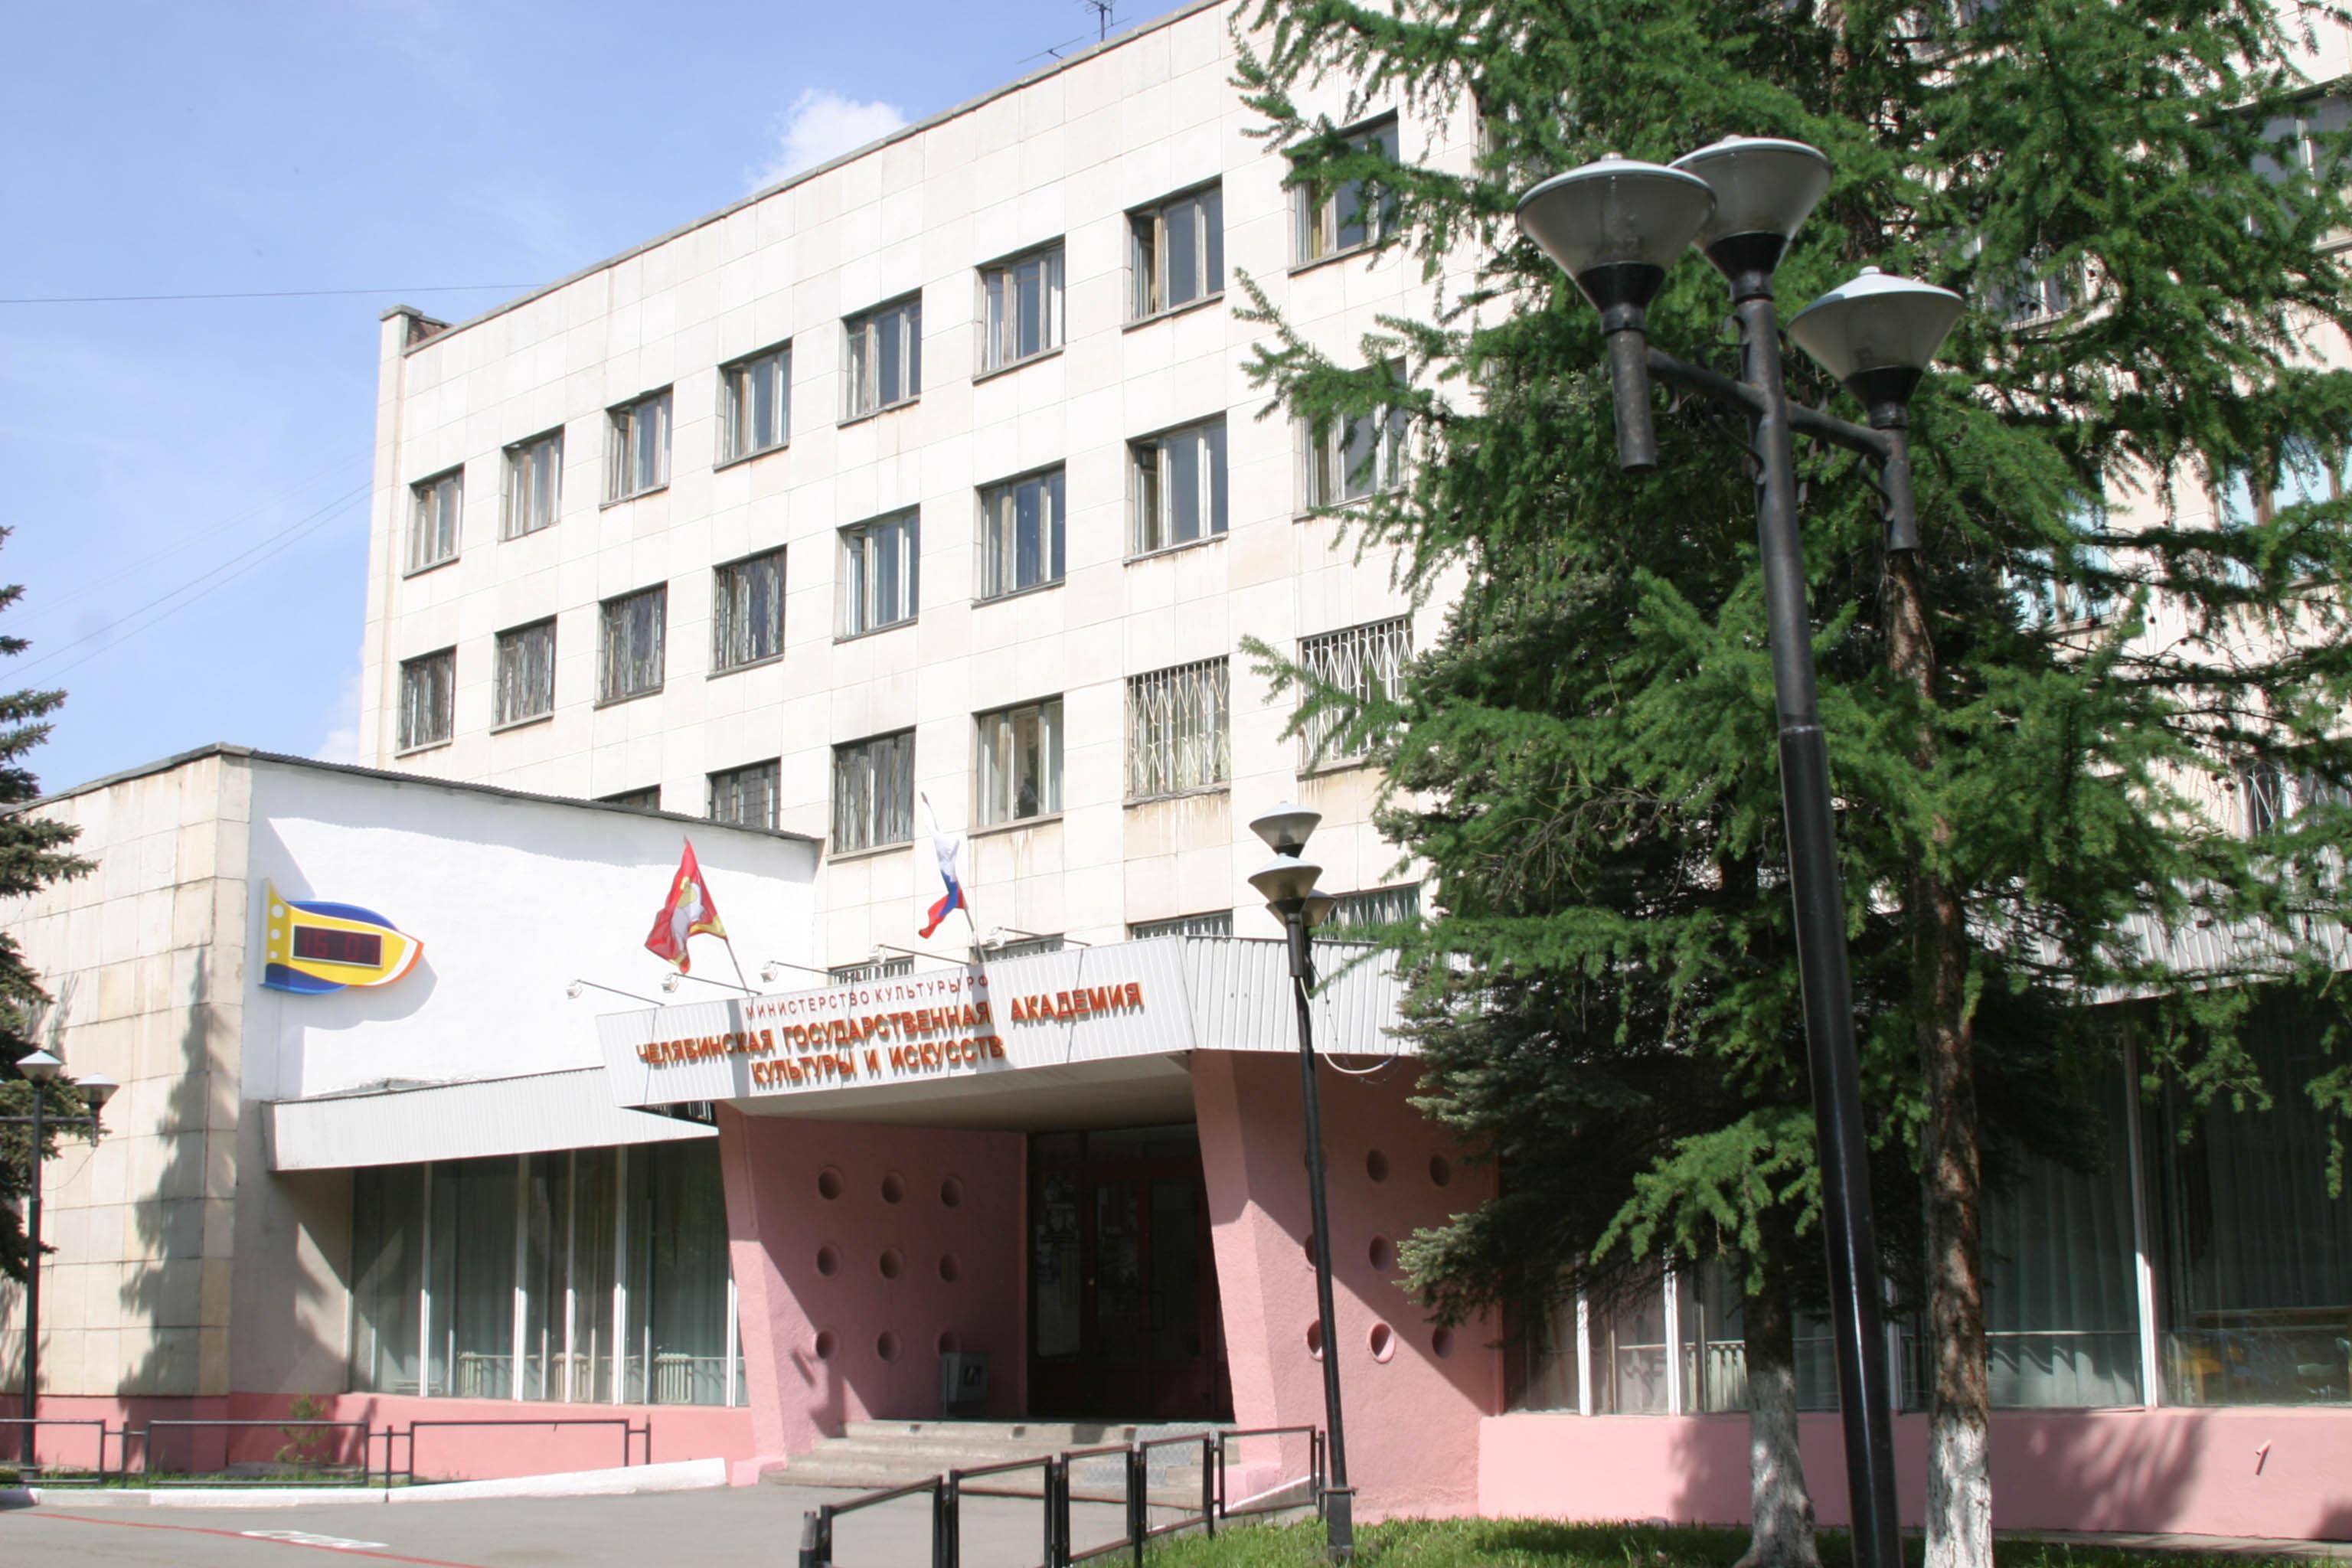 Как сообщает агентству «Урал-пресс-информ» пресс-служба вуза, в 2011 году церемония пройдет в дев